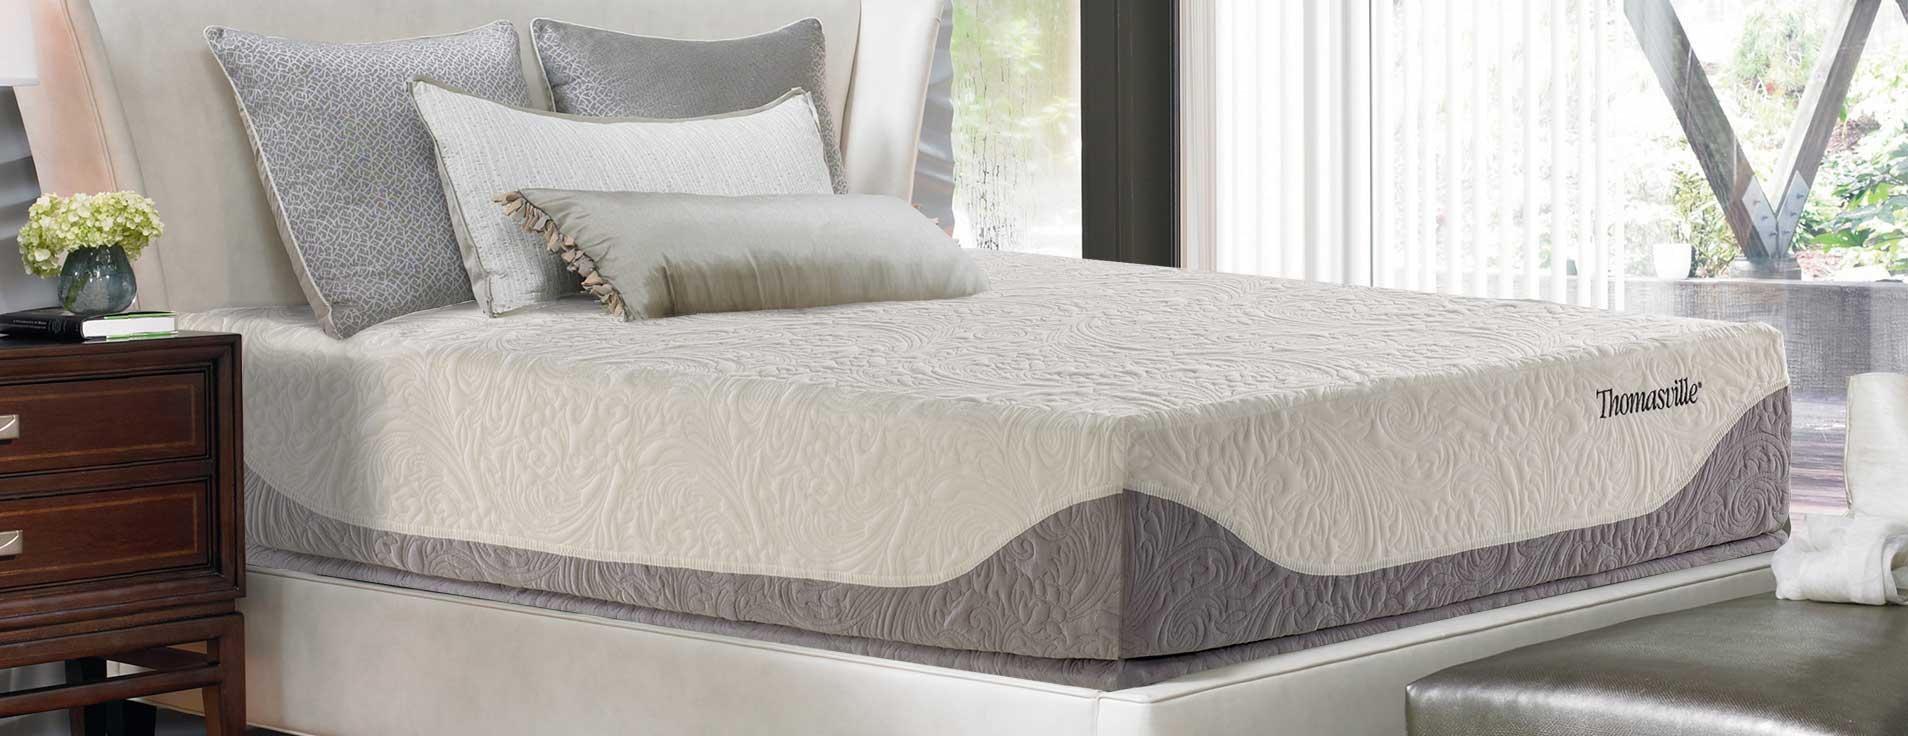 Latex Foam Beds Boyd Sleep